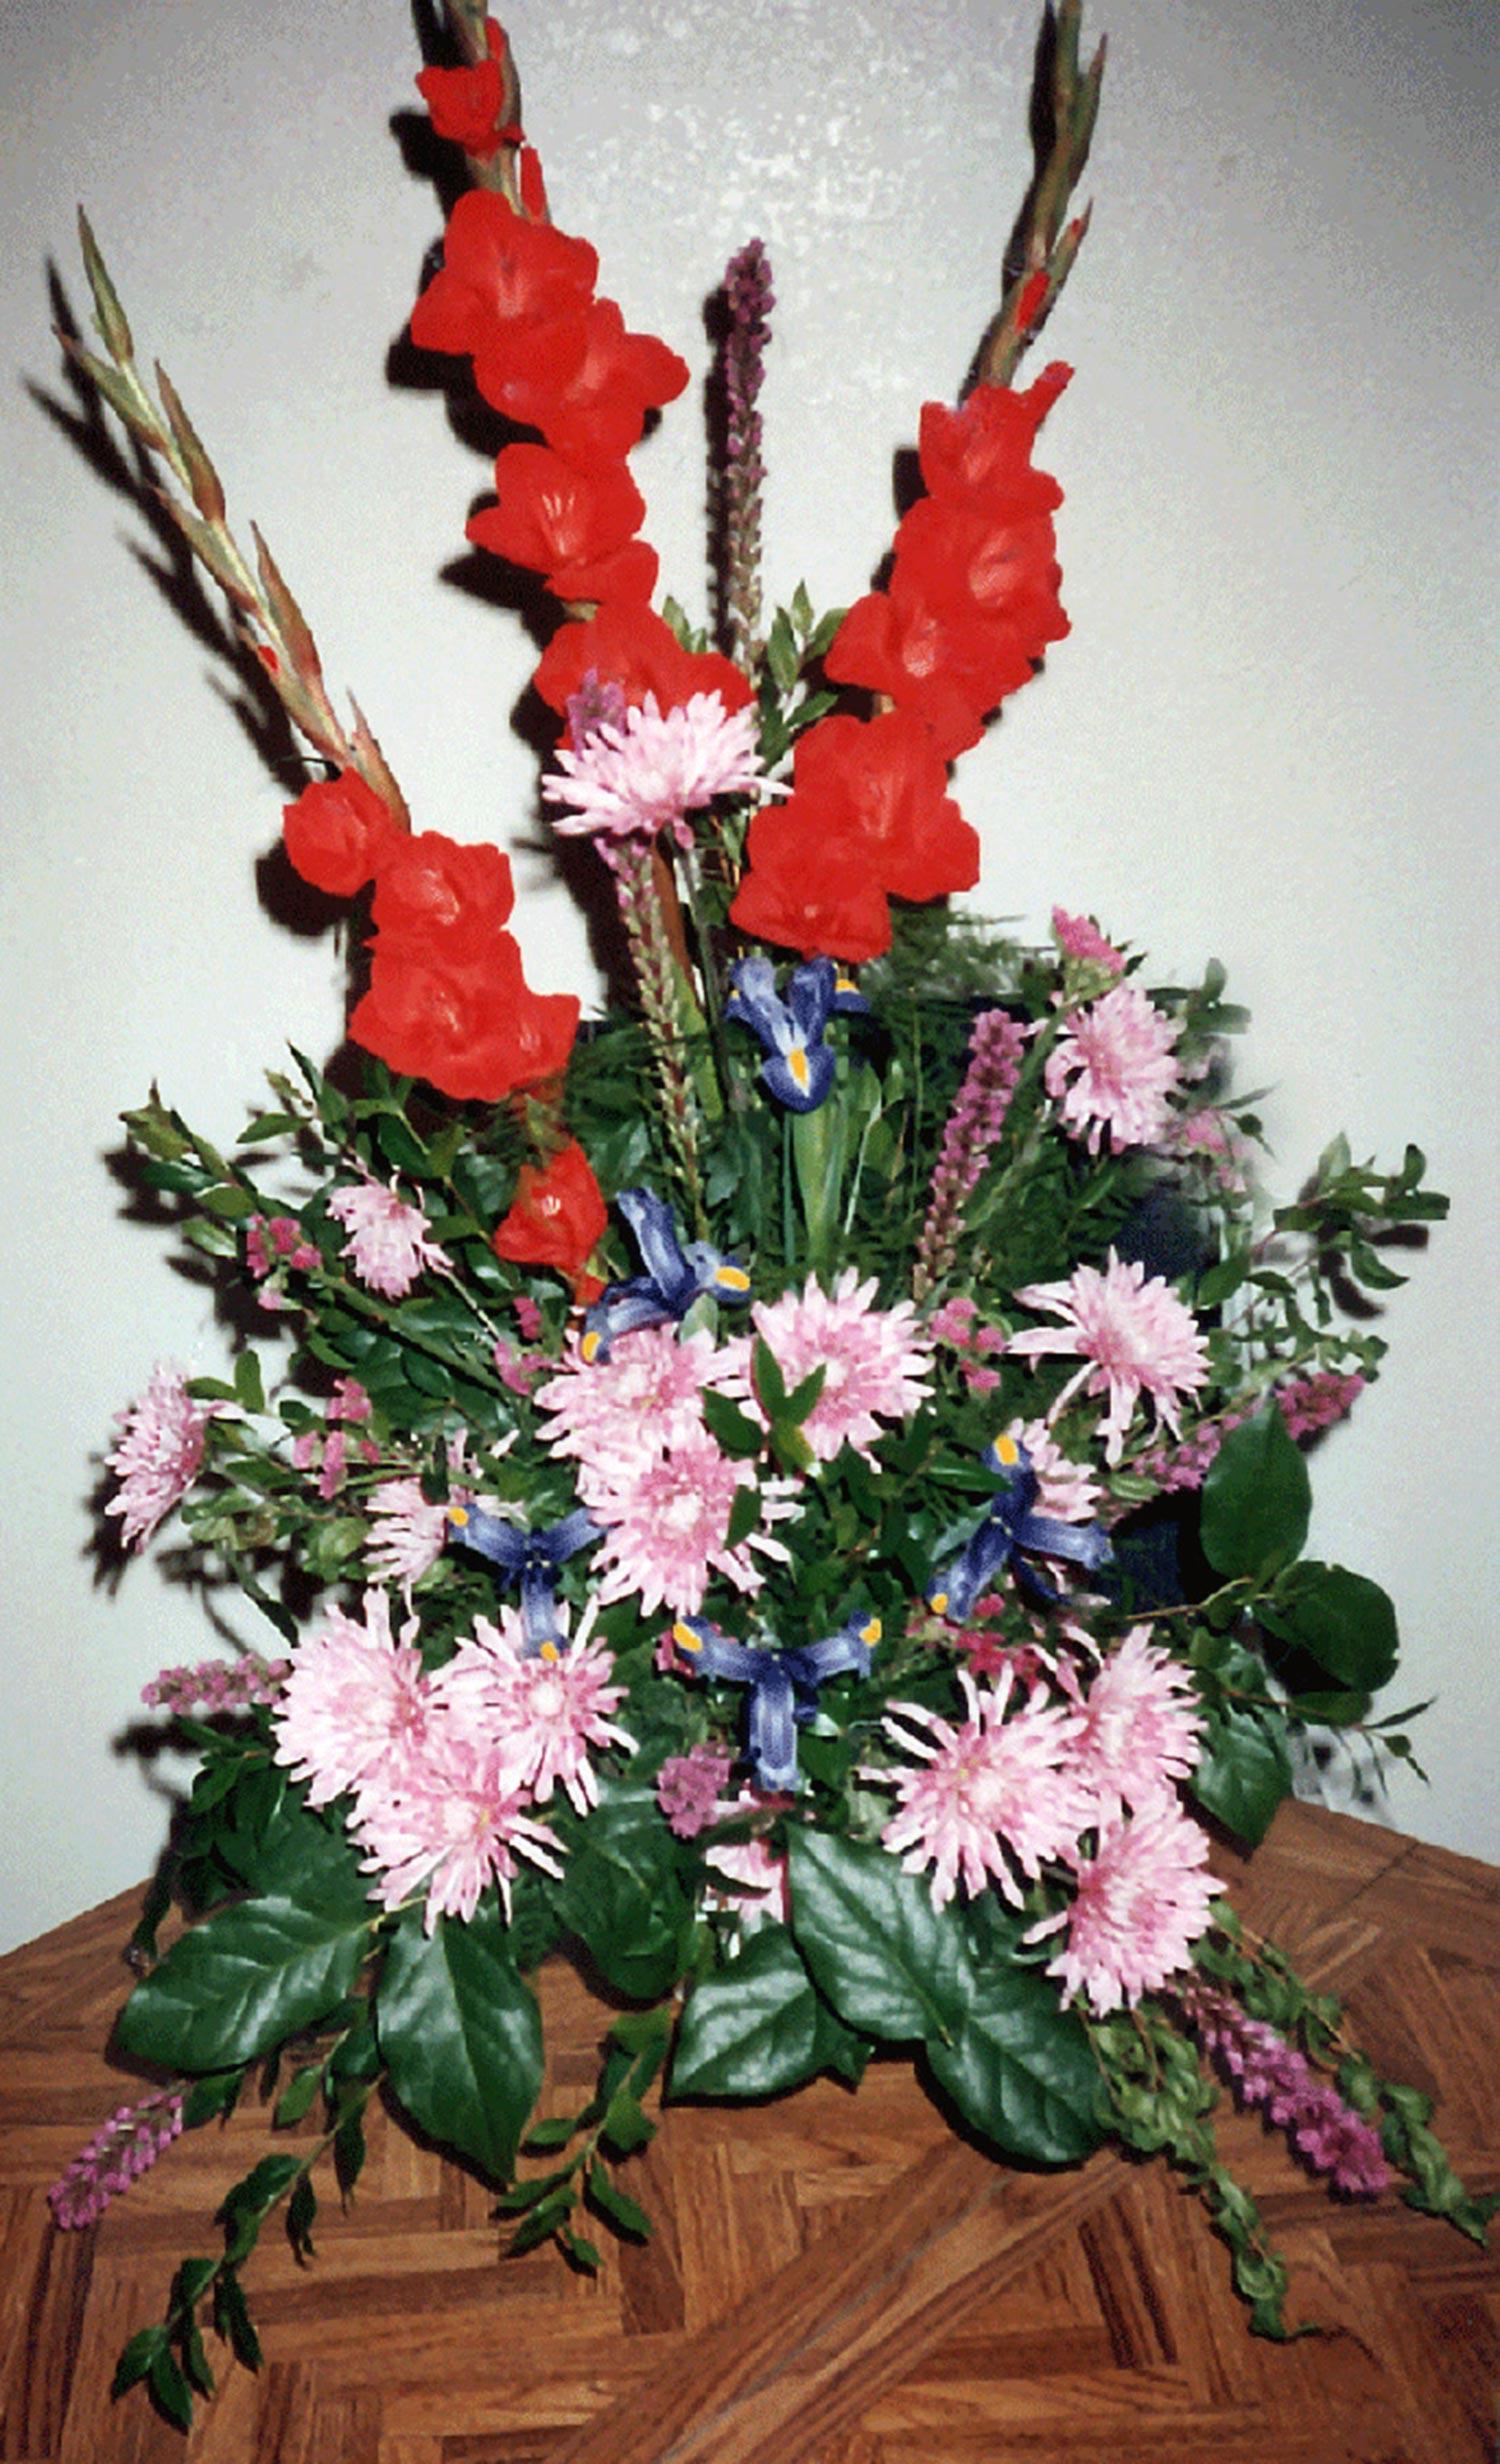 large sympathy arrangement - fresh flowers